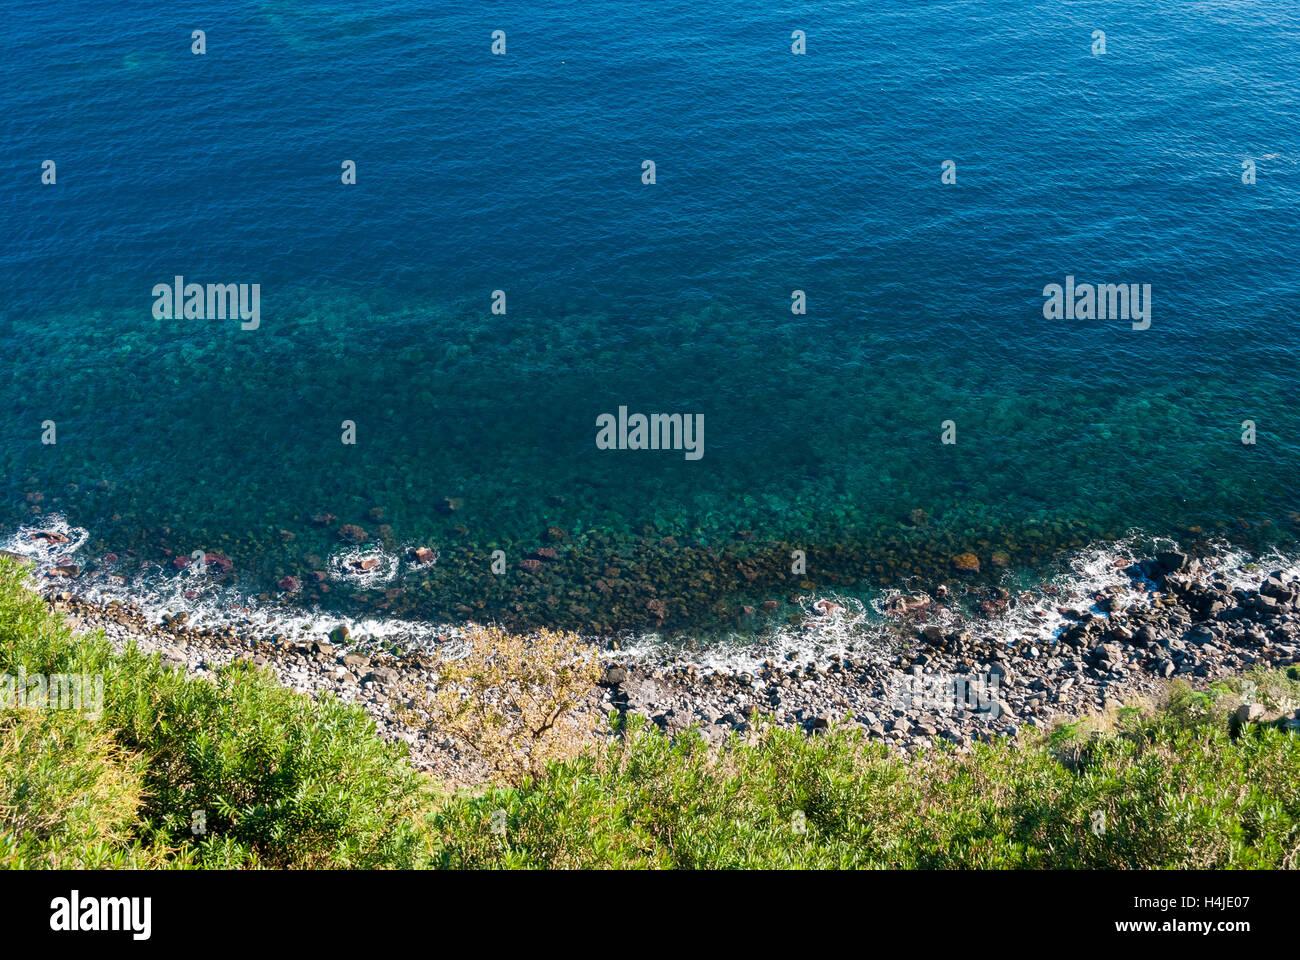 Luftaufnahme der Küste unterhalb der Timpa, in der Nähe von Catania (Ost-Sizilien) Stockbild